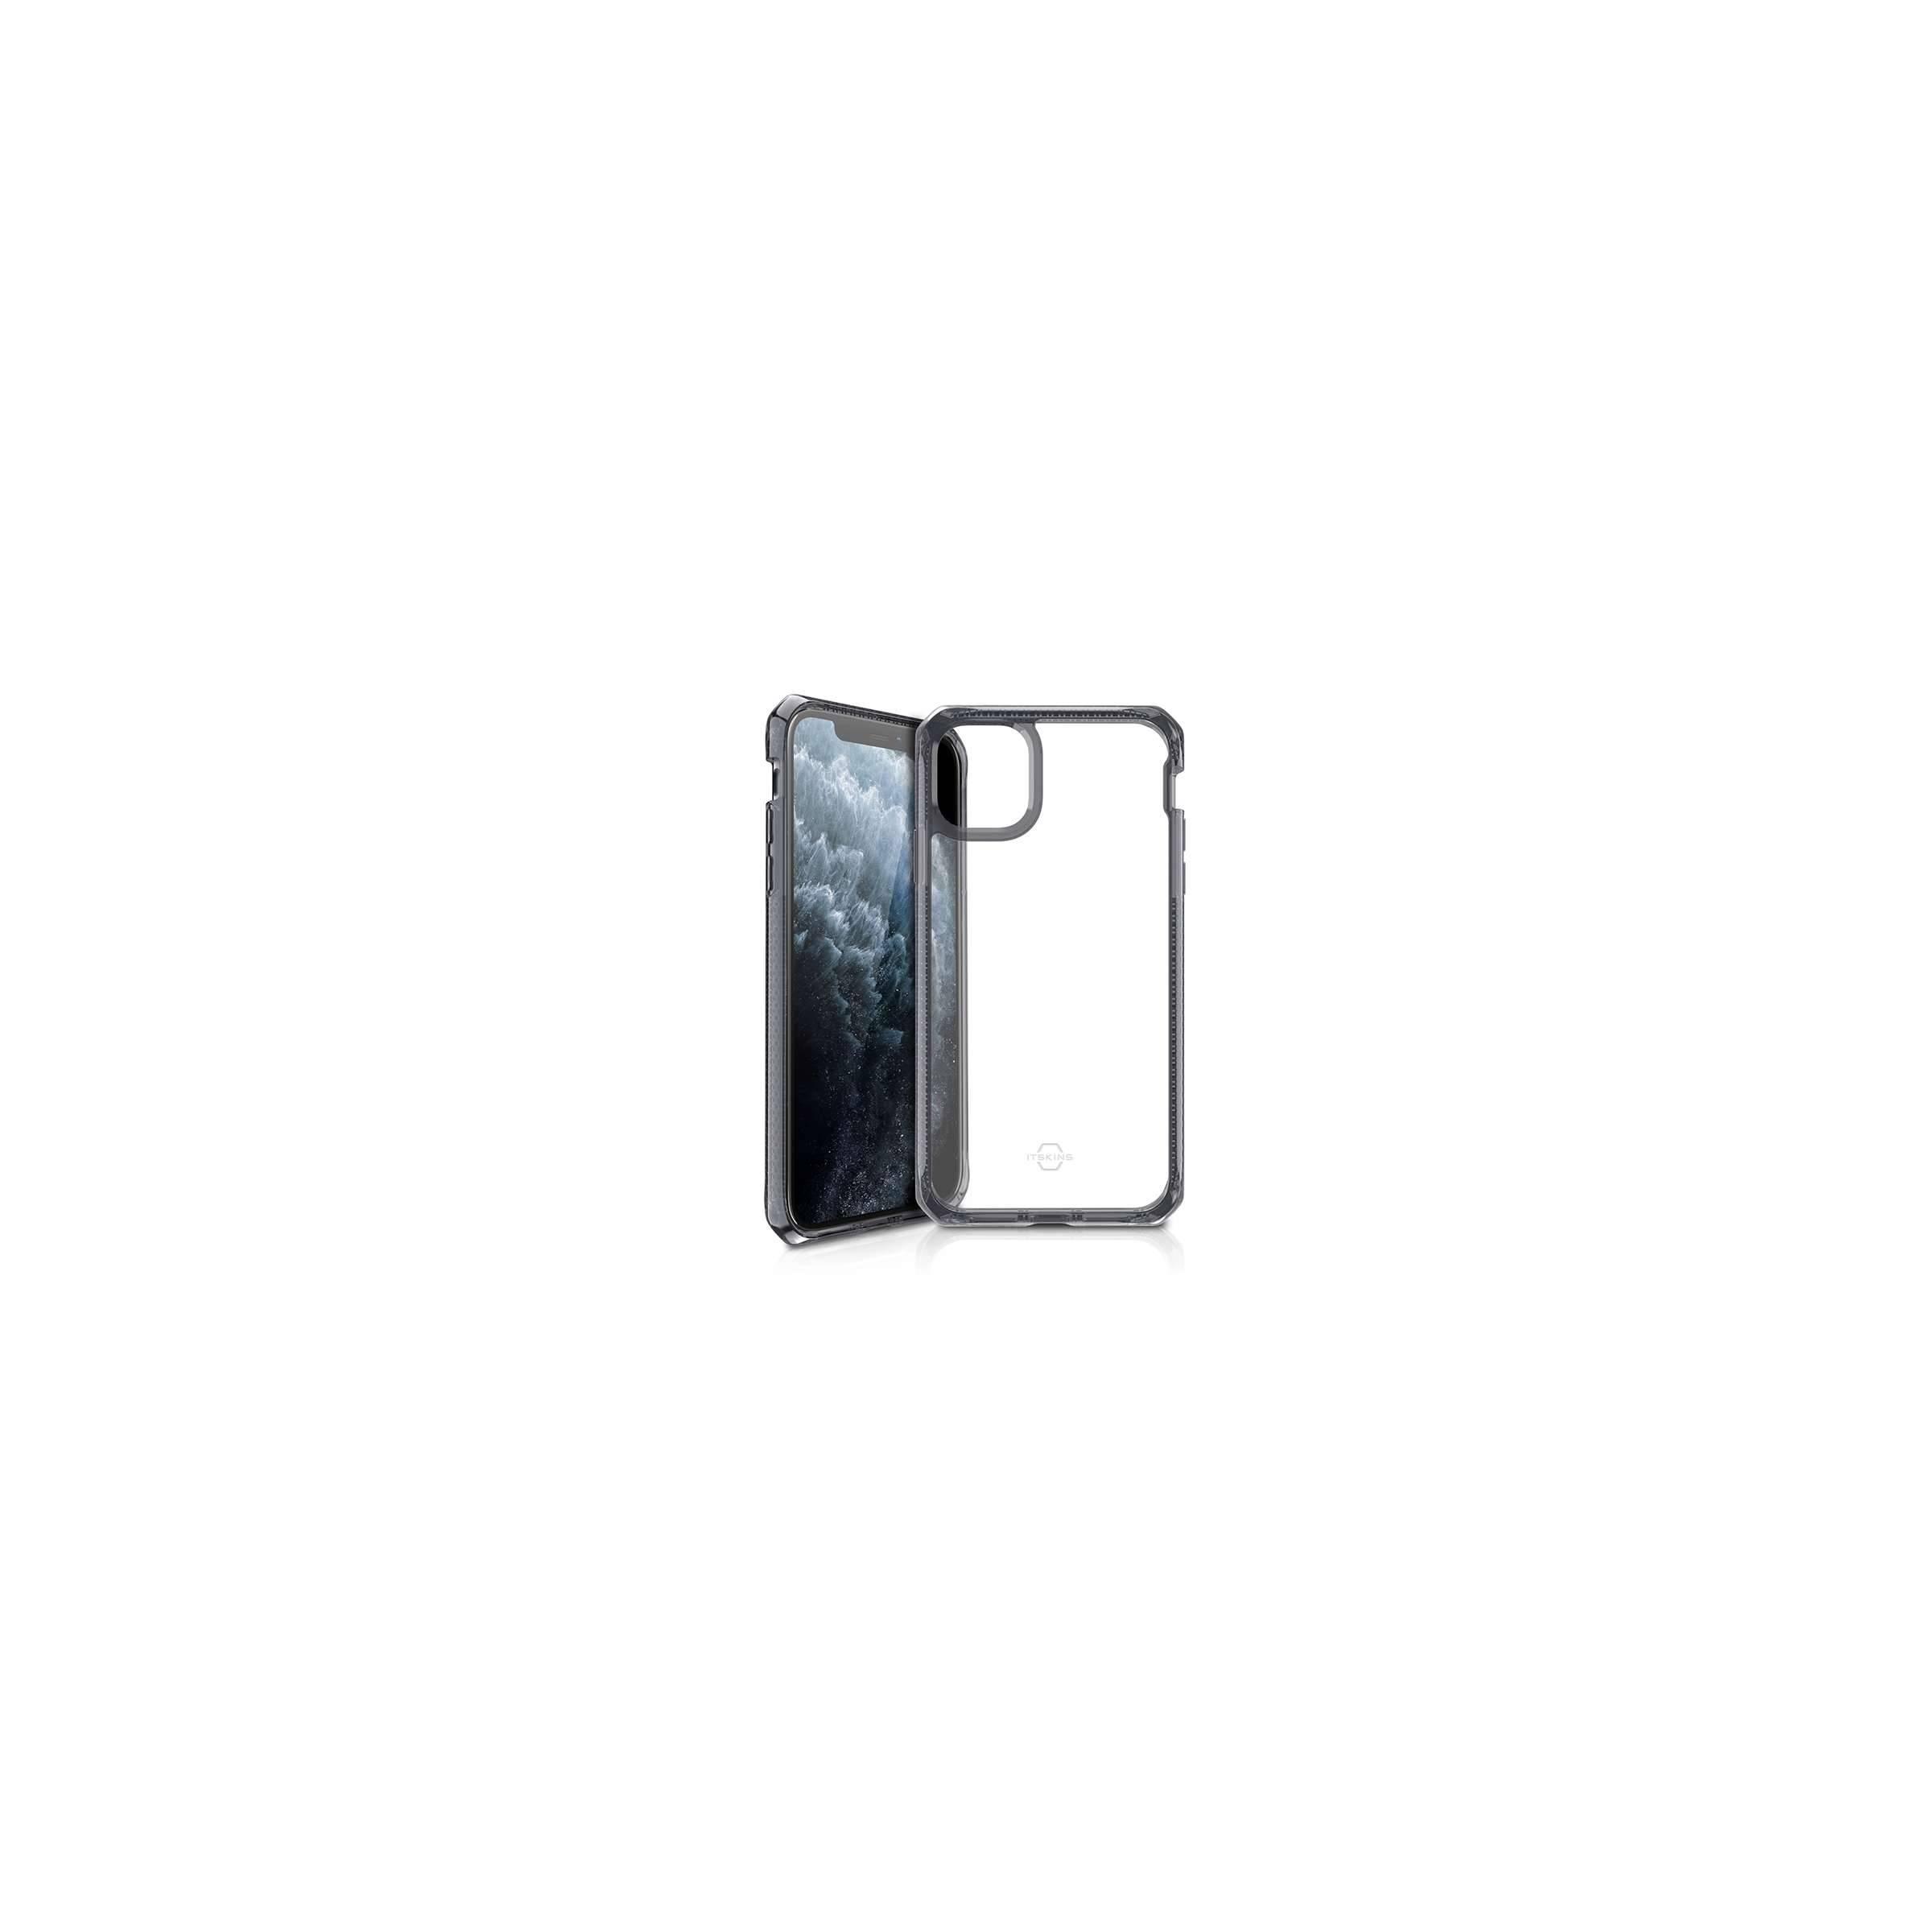 itskins – Hybrid clear cover itskins til iphone 11 pro max gennemsigtigt med sort kant på mackabler.dk